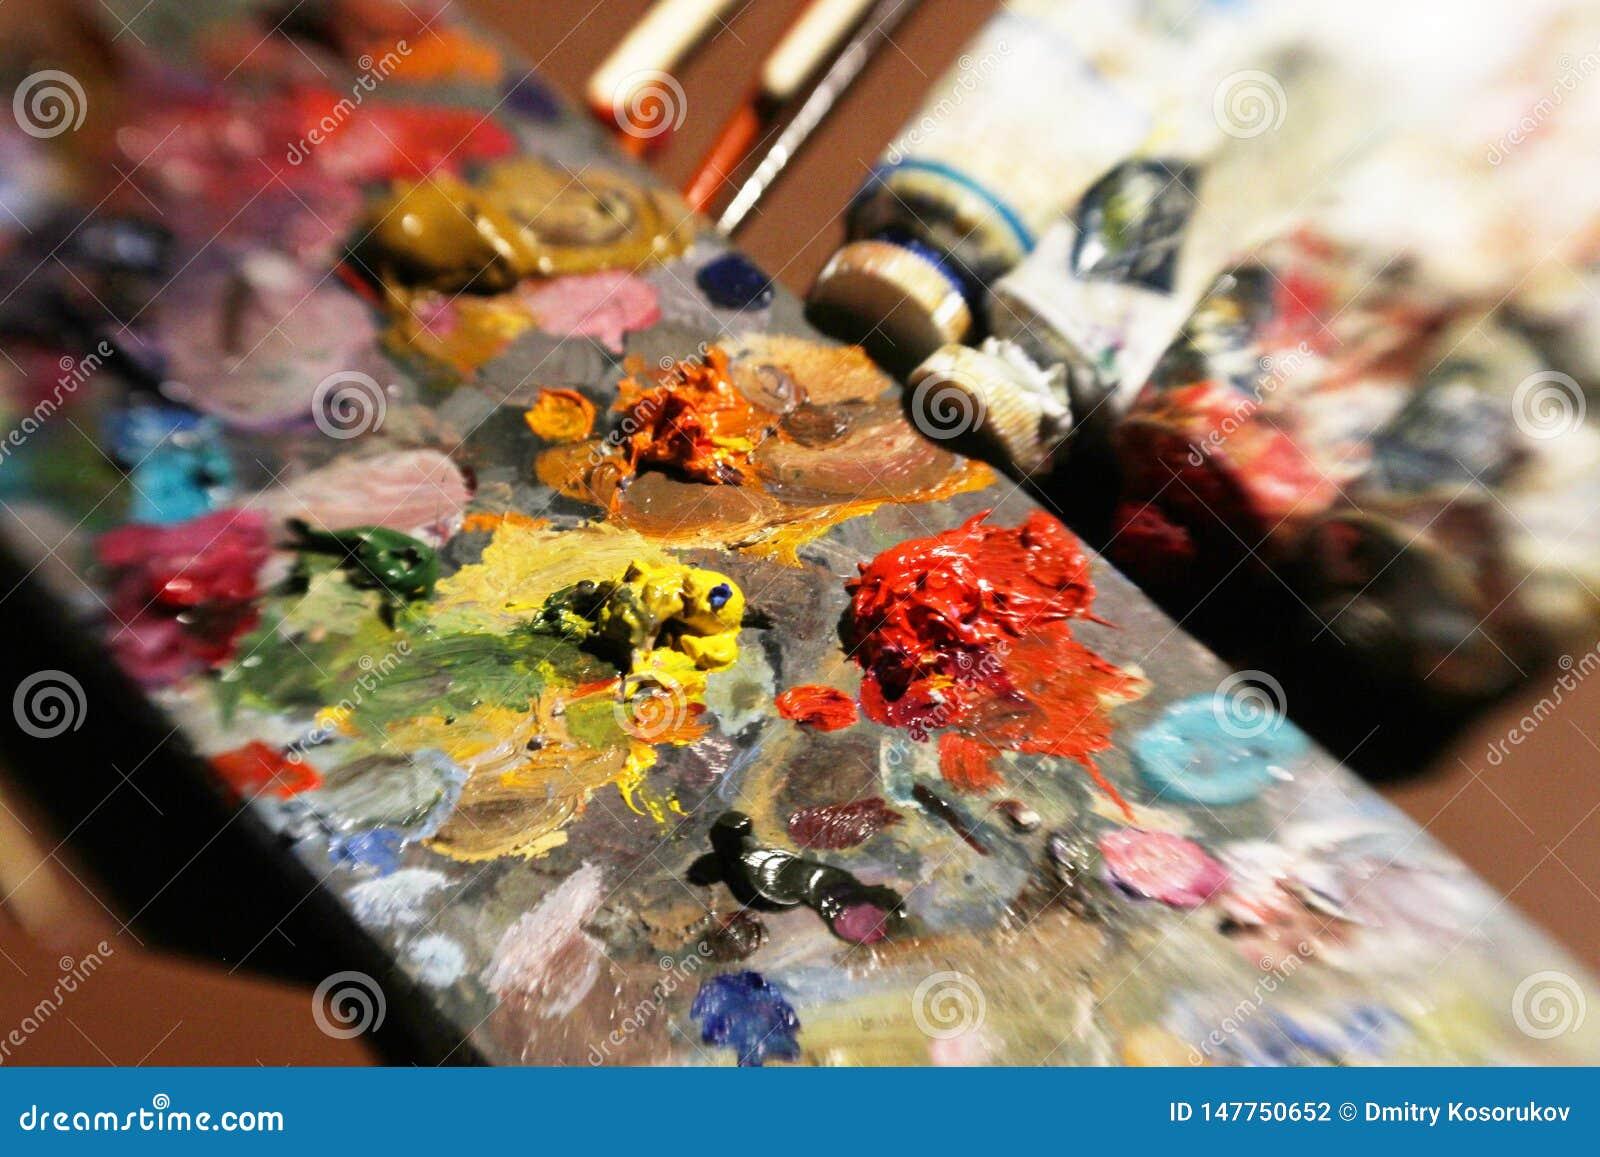 Objekt som ska målas med oljamålarfärger